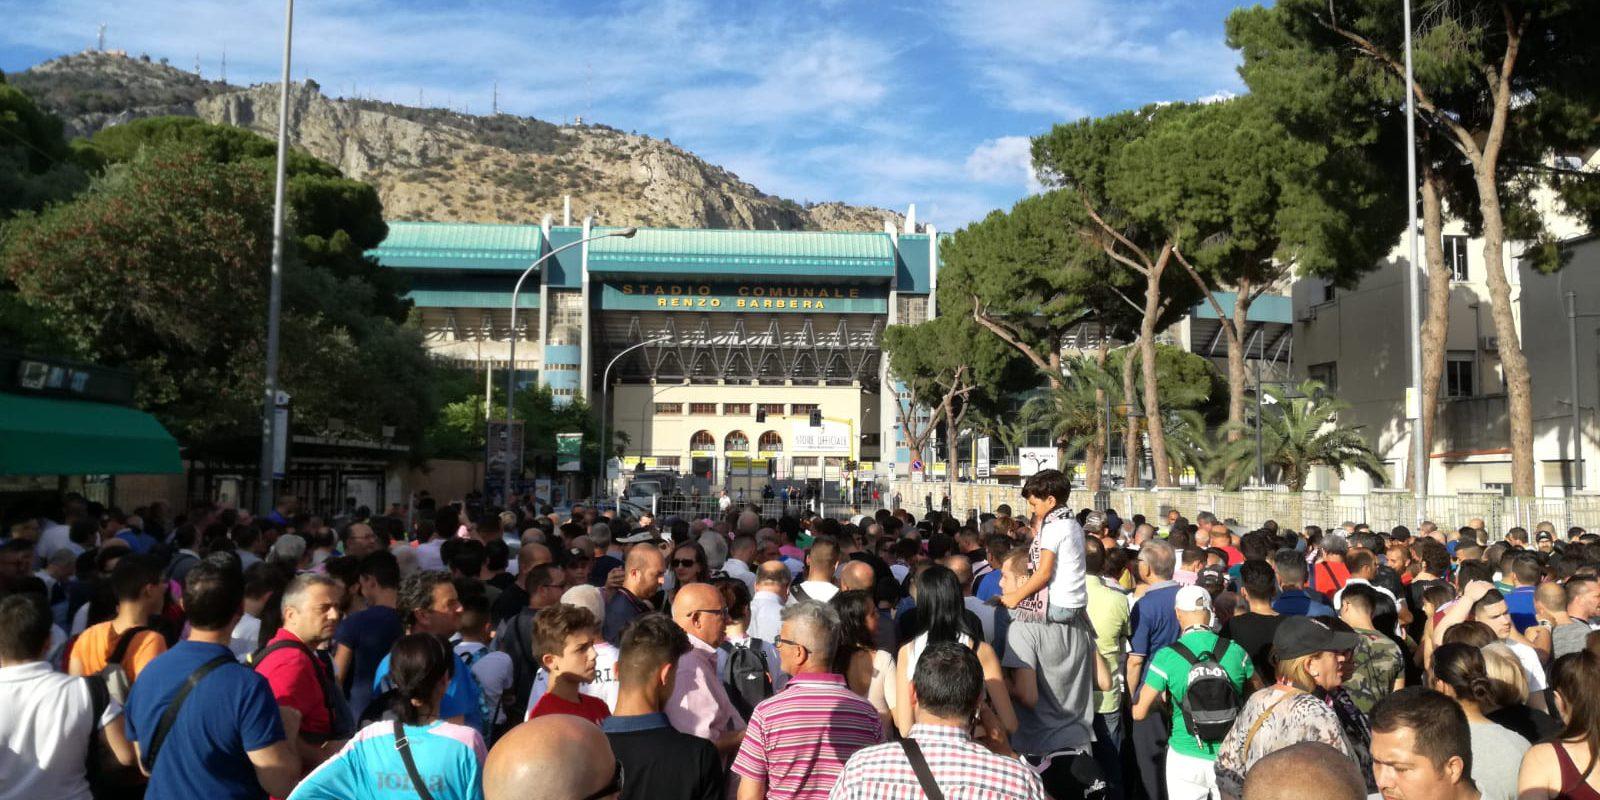 """Palermo – Frosinone è stata una partita magica. Lo stadio pieno, la rimonta e le mille emozioni. Ancora la promozione non è conquistata ma la serata di mercoledì 13 giugno non verrà dimenticata facilmente (anche grazie a queste splendide foto). LEGGI ANCHE: LE PAGELLE IRONICHE DI AMENTA E FERRARA GLI HIGHLIGHTS DI PALERMO – FROSINONE GAZZETTA – """"EFFETTO STELLONE"""" LE PAGELLE DI GUIDO MONASTRA LE PAGELLE DEI QUOTIDIANI SPORTIVI"""